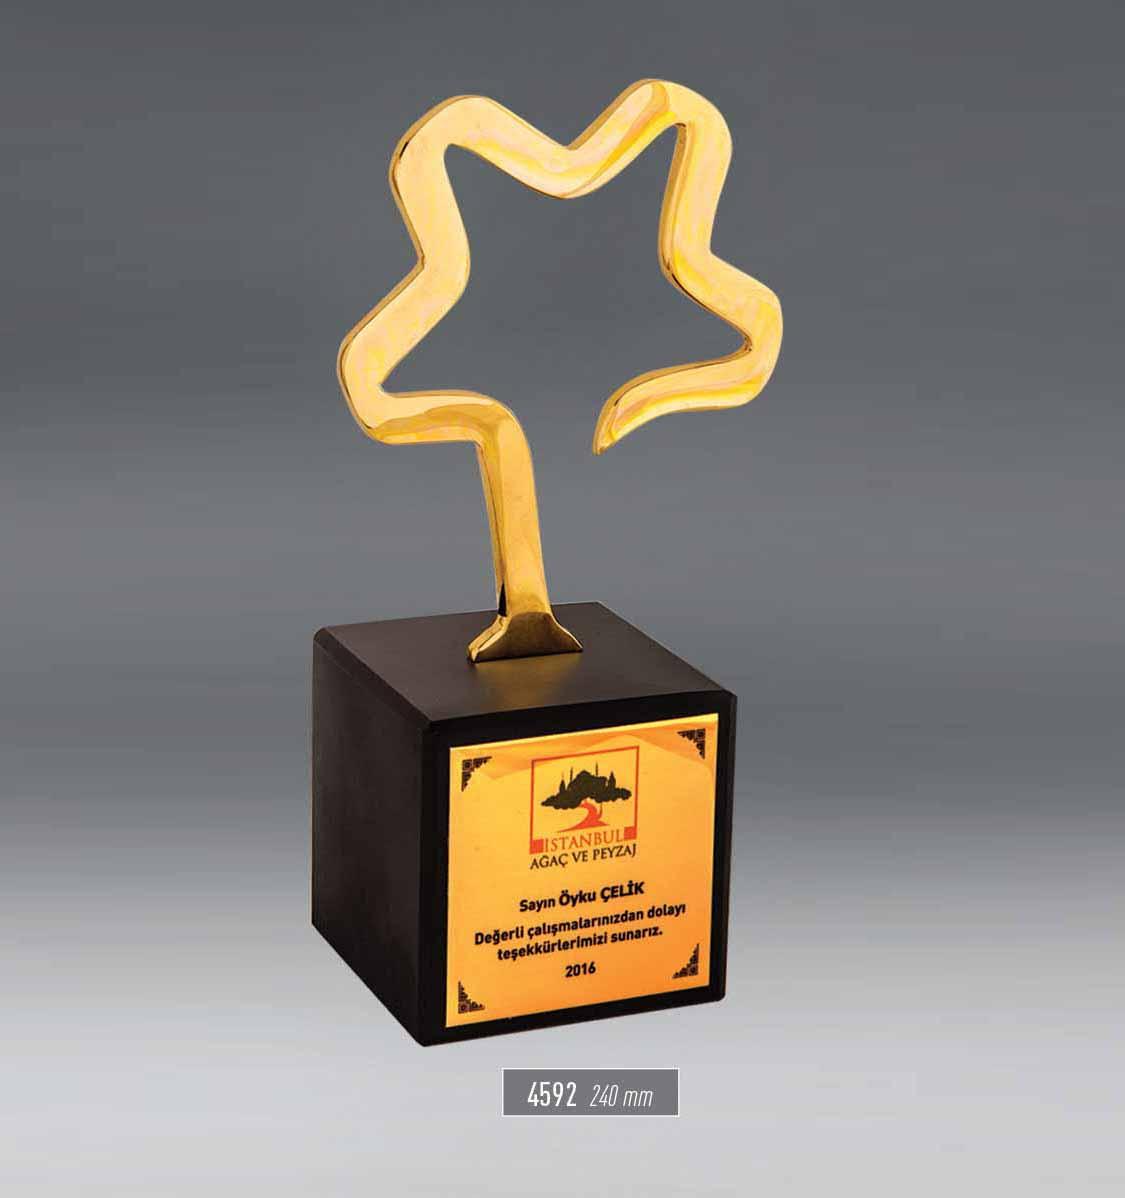 4592 - Award